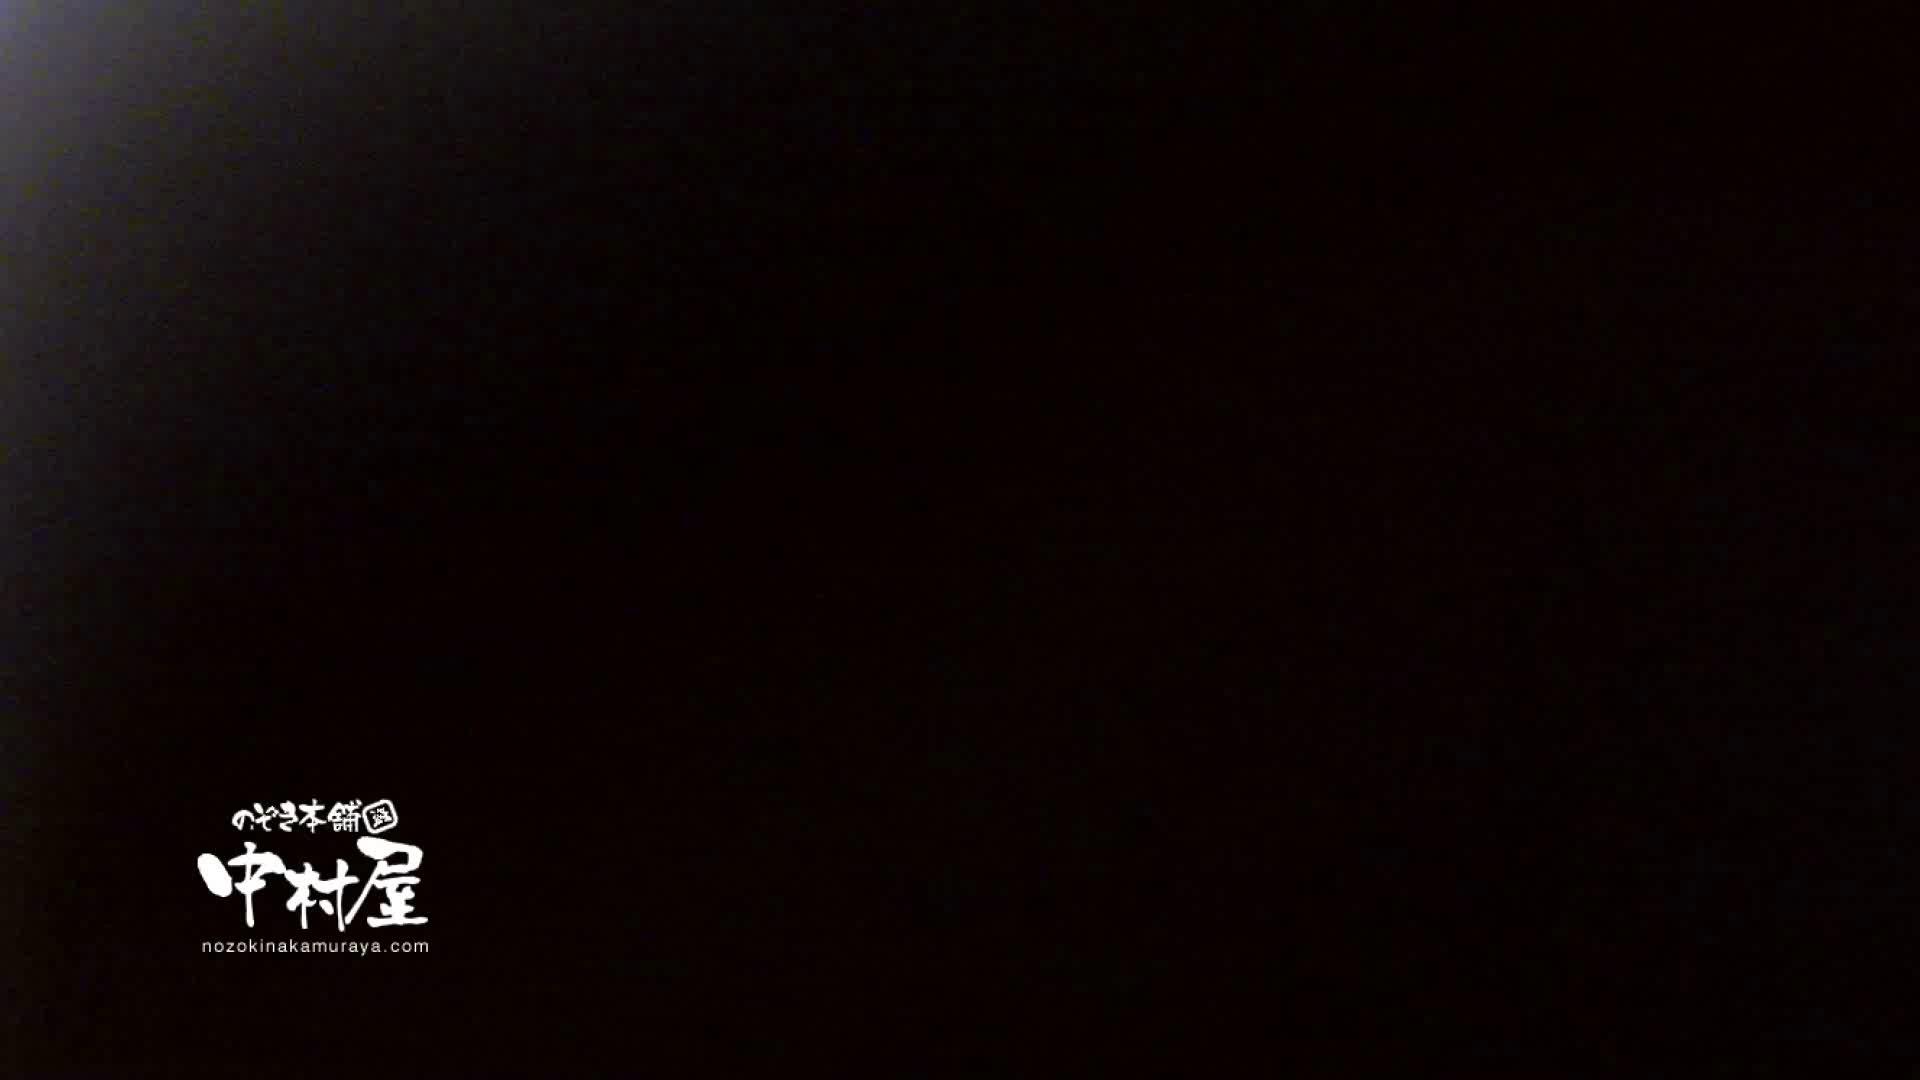 鬼畜 vol.14 小生意気なおなごにはペナルティー 前編 鬼畜  98pic 78